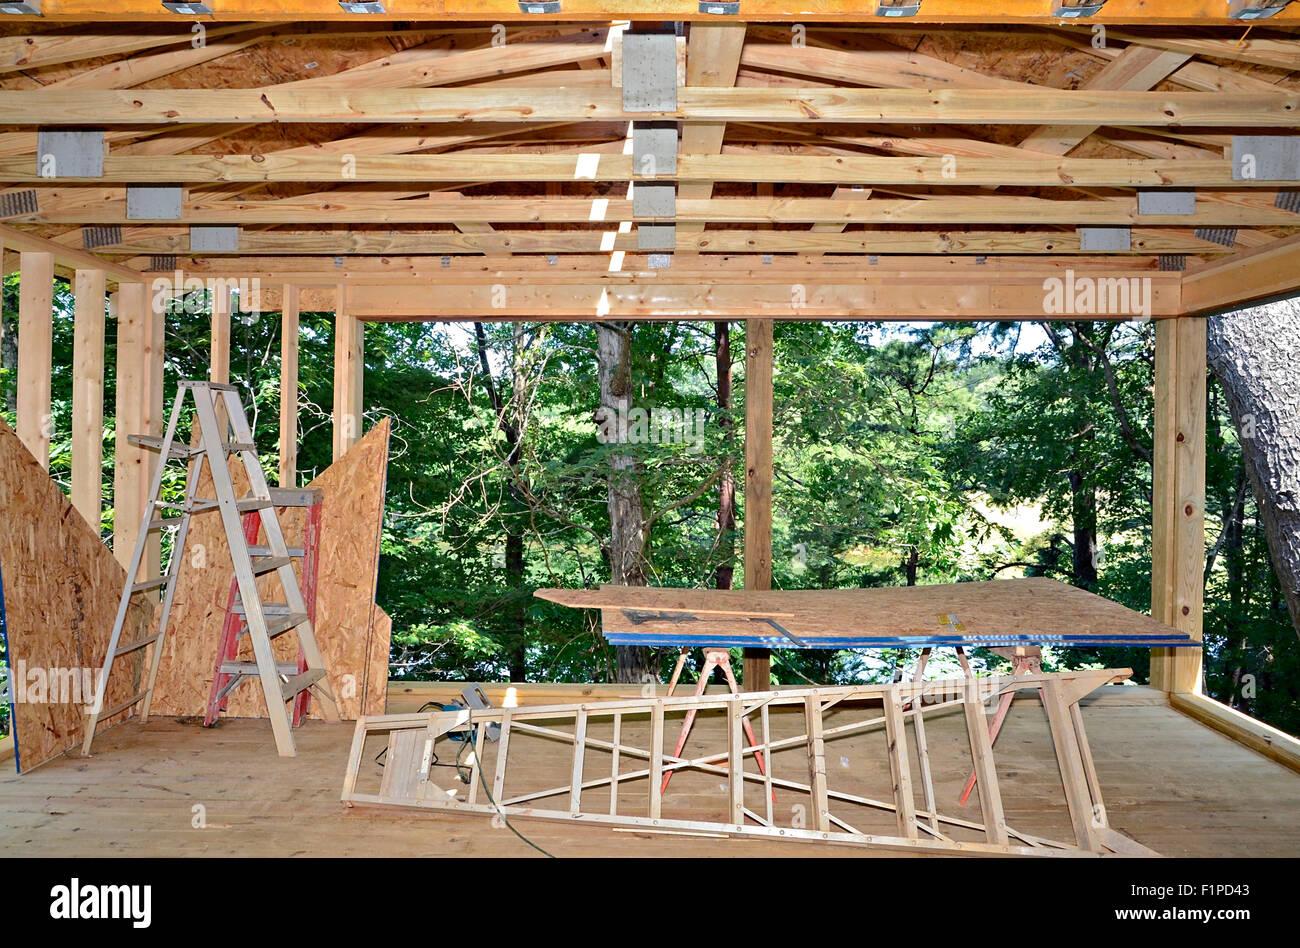 bau im gange, eine veranda ergänzung auf ein haus zu bauen stockfoto